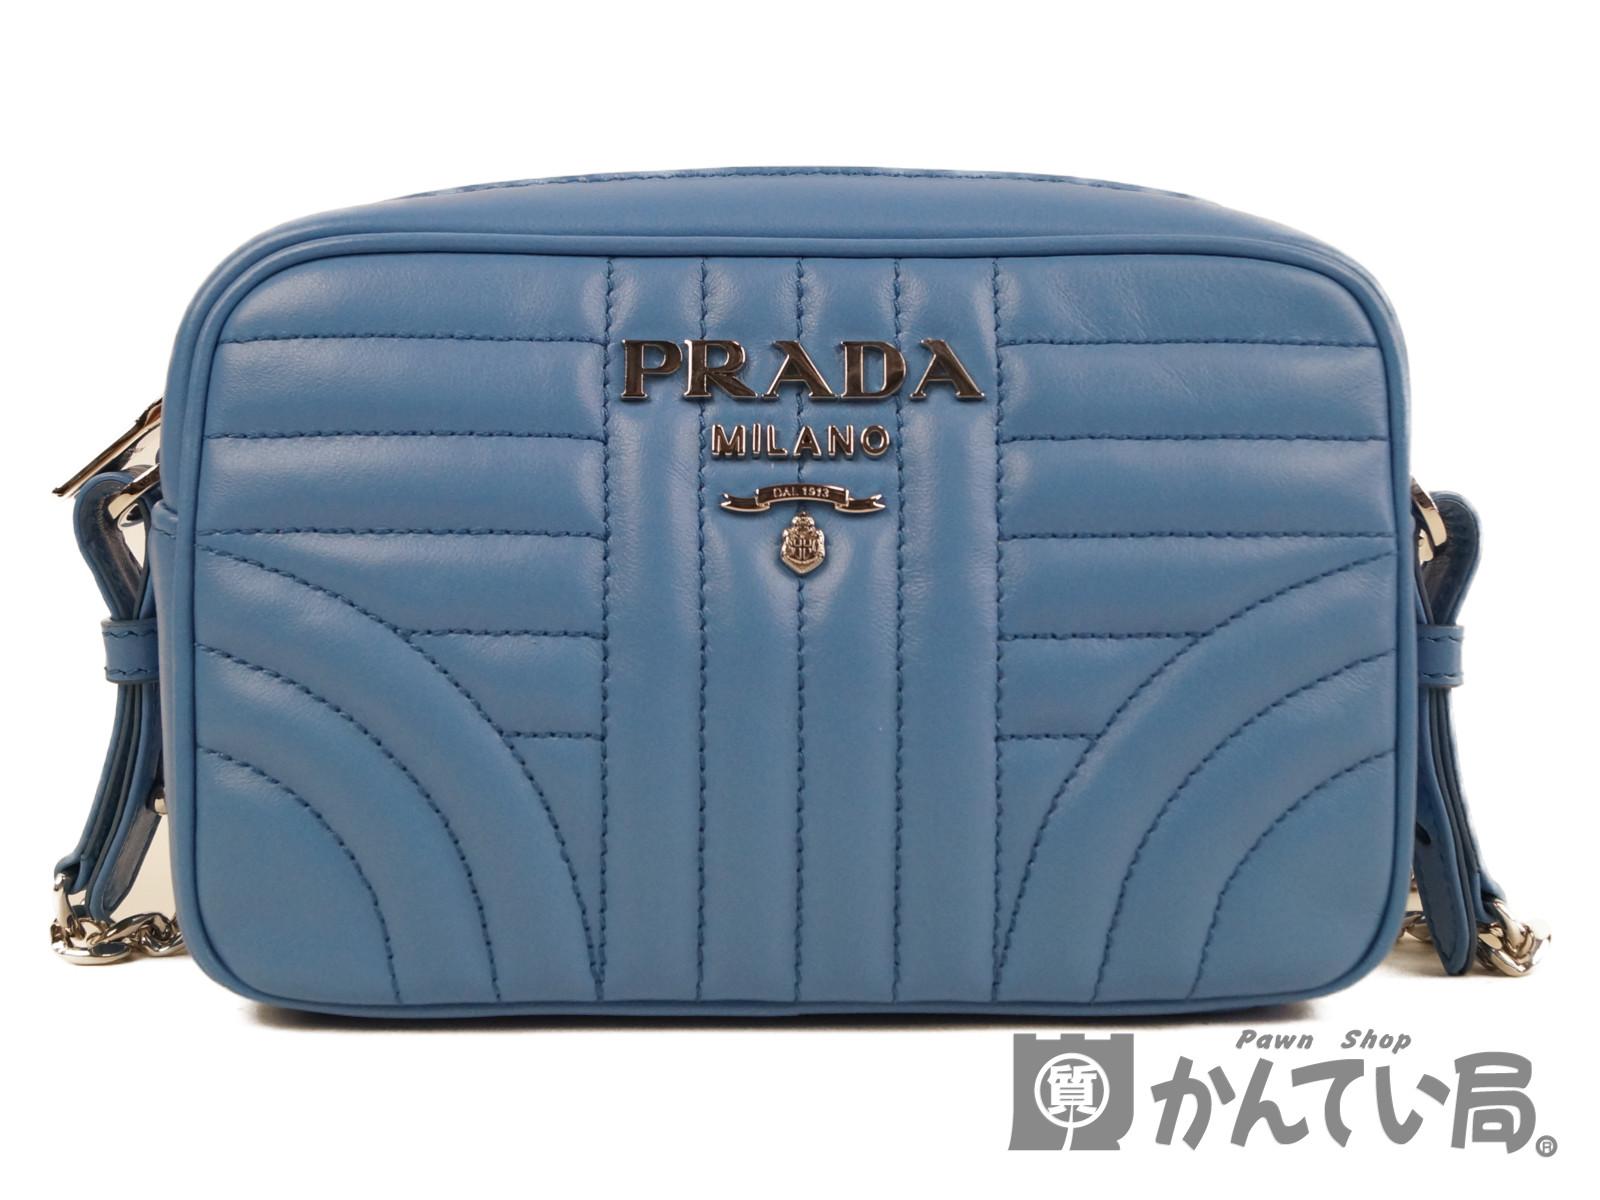 【PRADA】プラダ レザーダイアグラムチェーンショルダーバッグ 1BH084 レディースショルダーバッグ 【中古】F68-4940 USED-S かんてい局本社